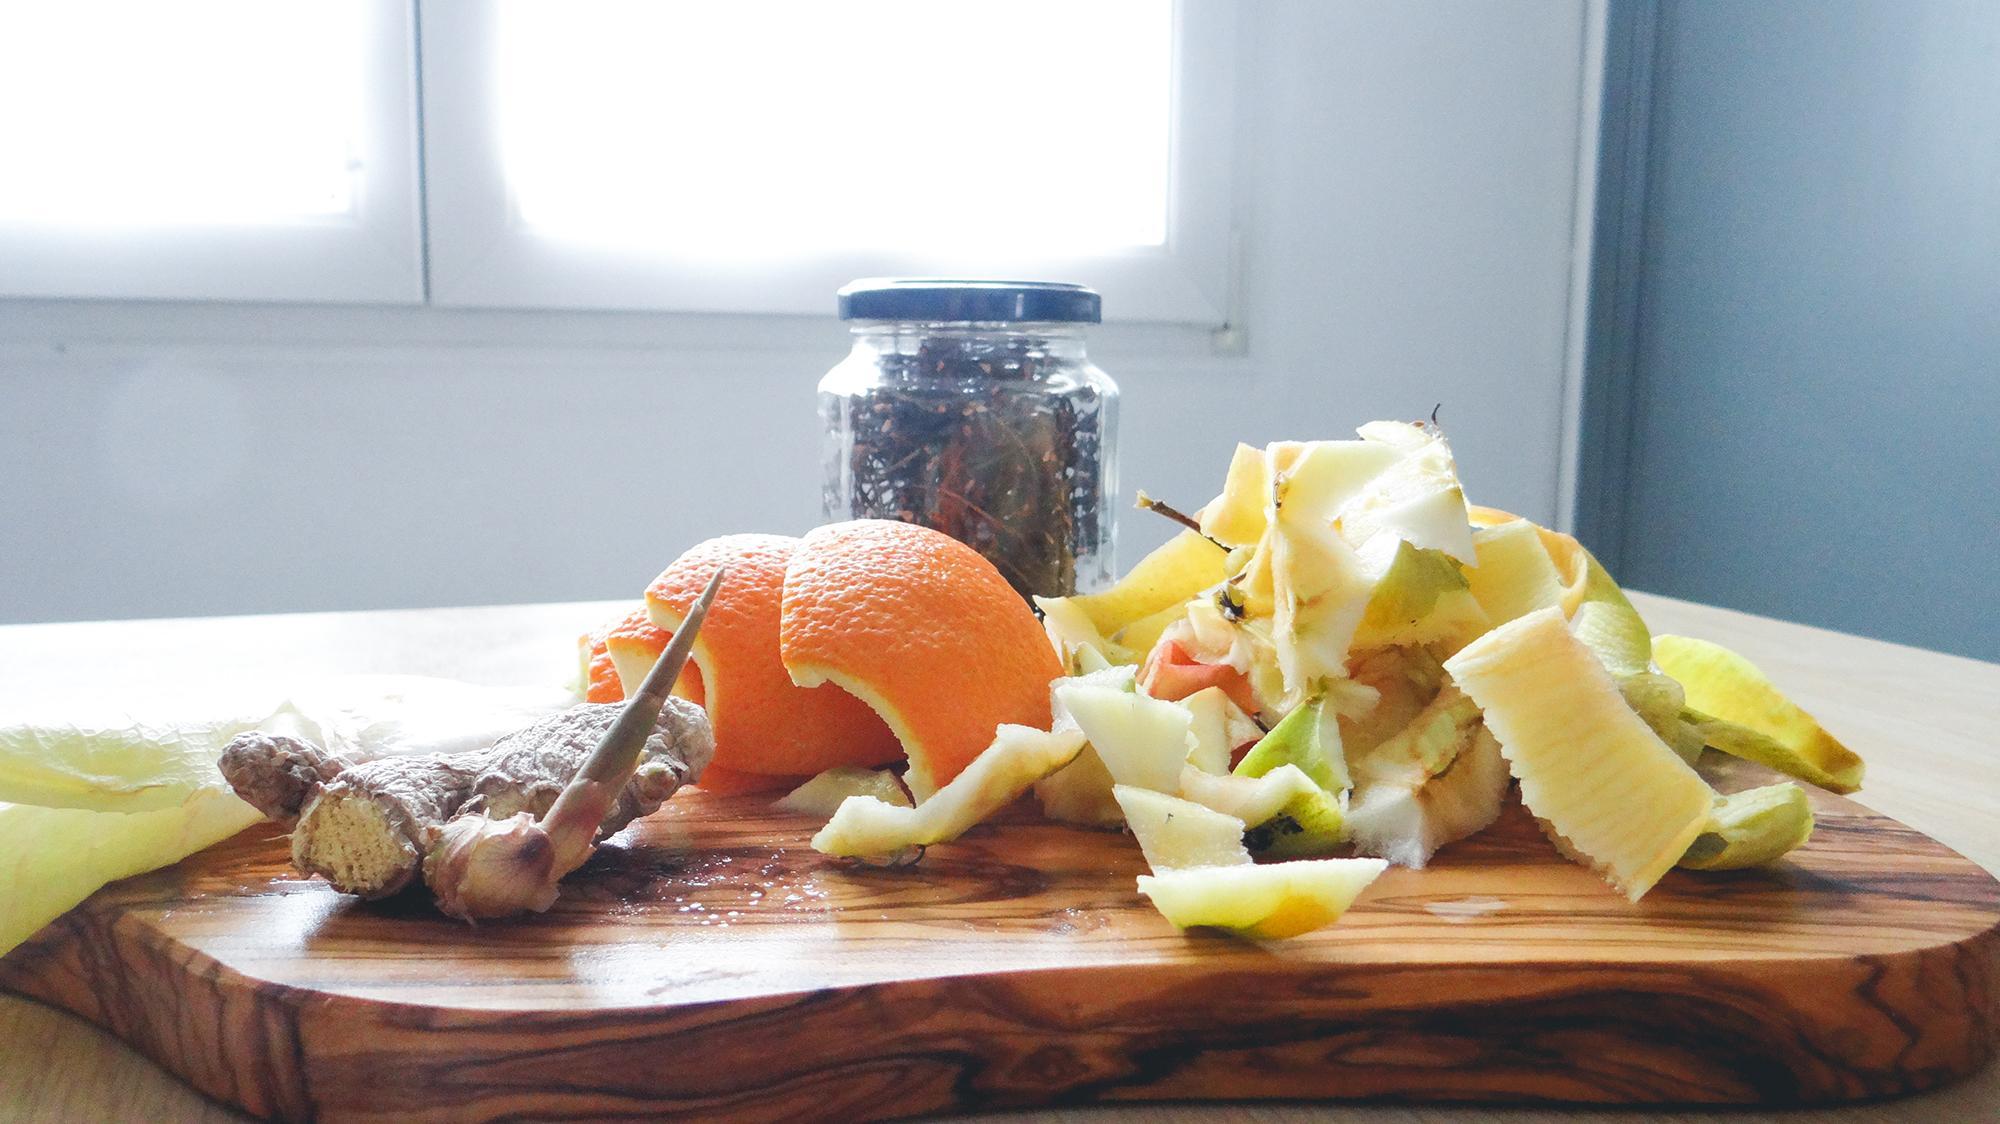 Z ro d chet pourquoi et comment se mettre cuisiner les for Cuisine zero dechet